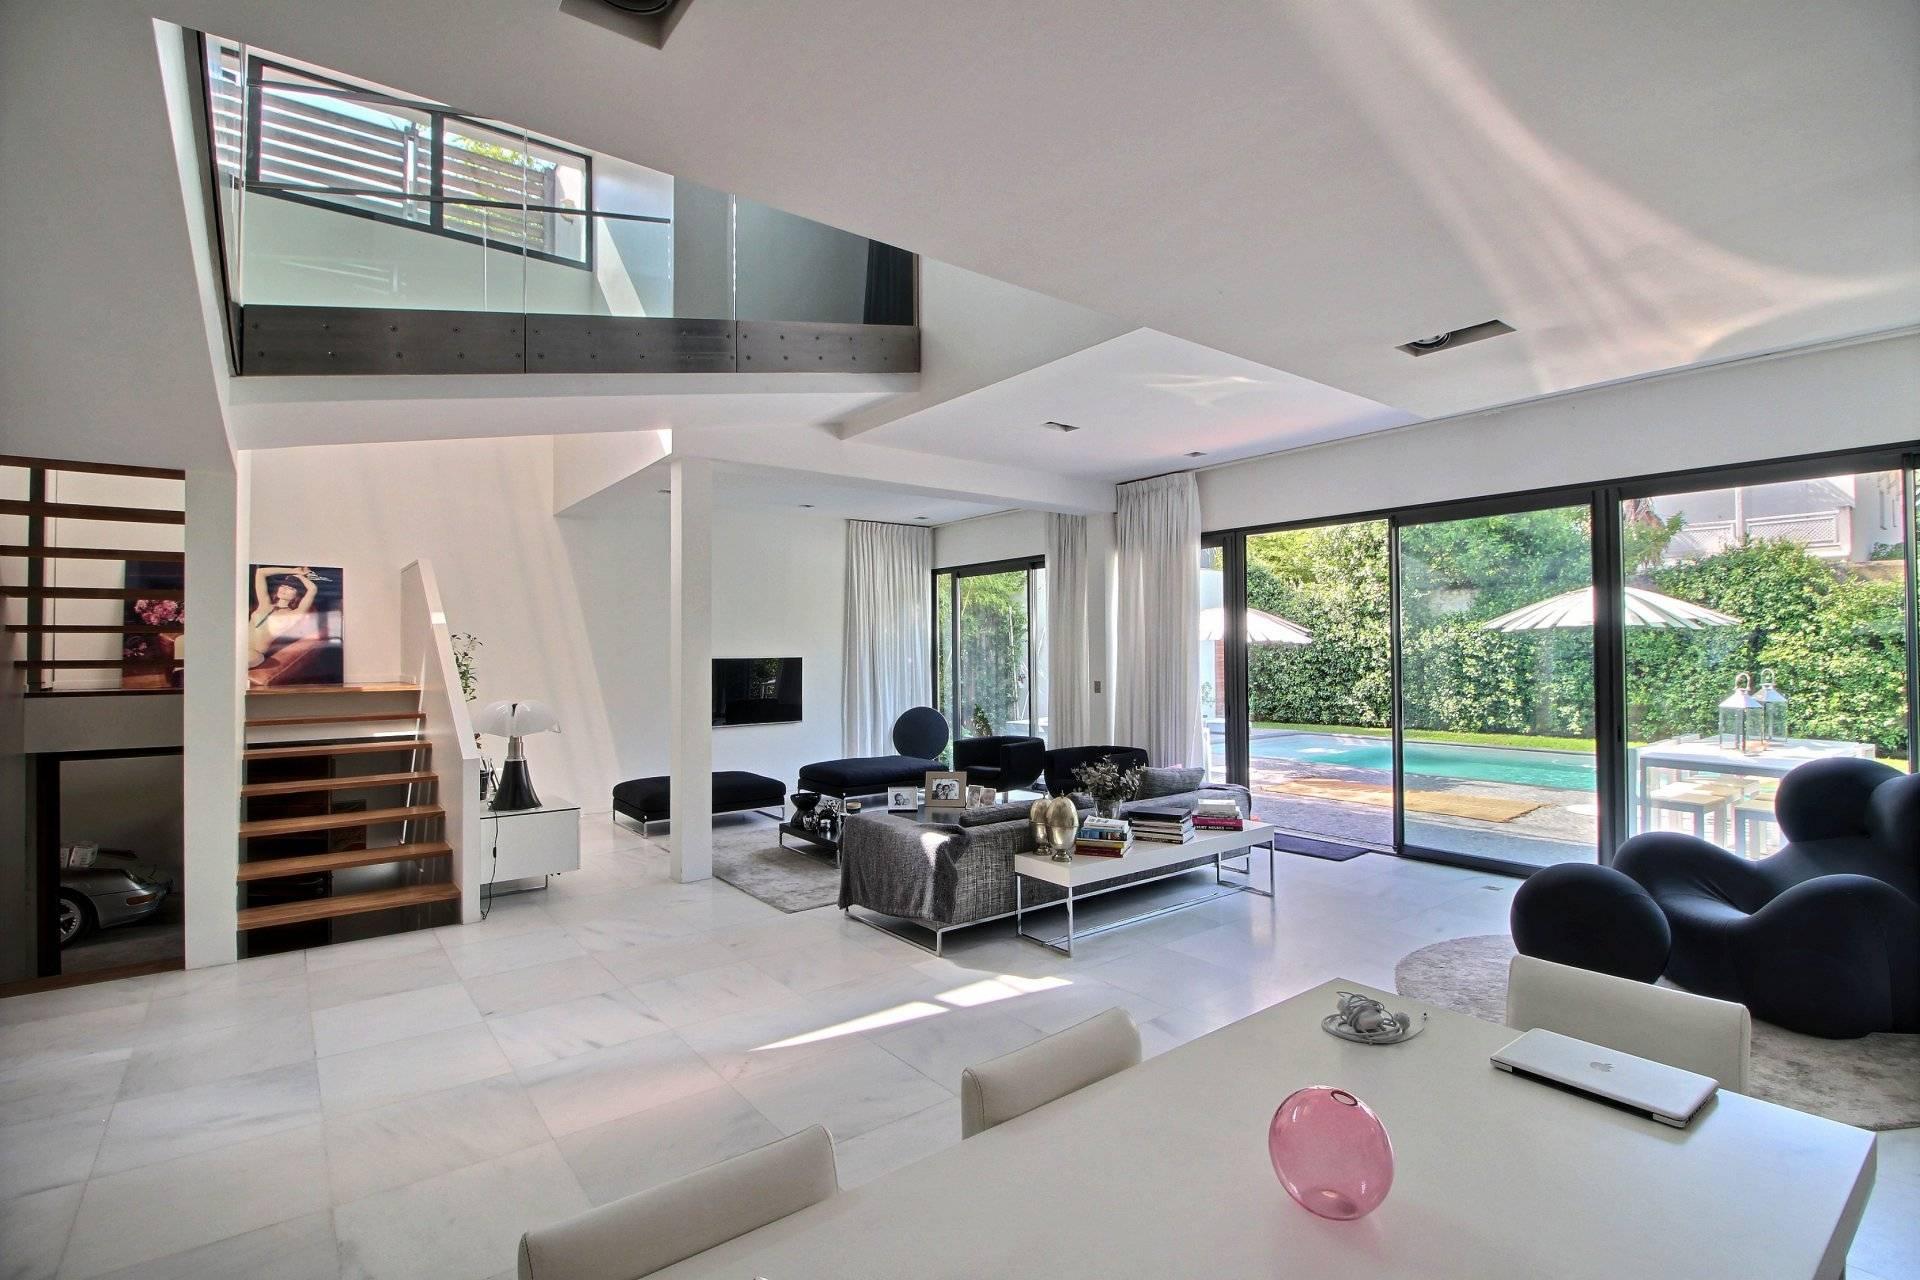 vente maison d 39 architecte 4 chambres avec piscine a vendre. Black Bedroom Furniture Sets. Home Design Ideas